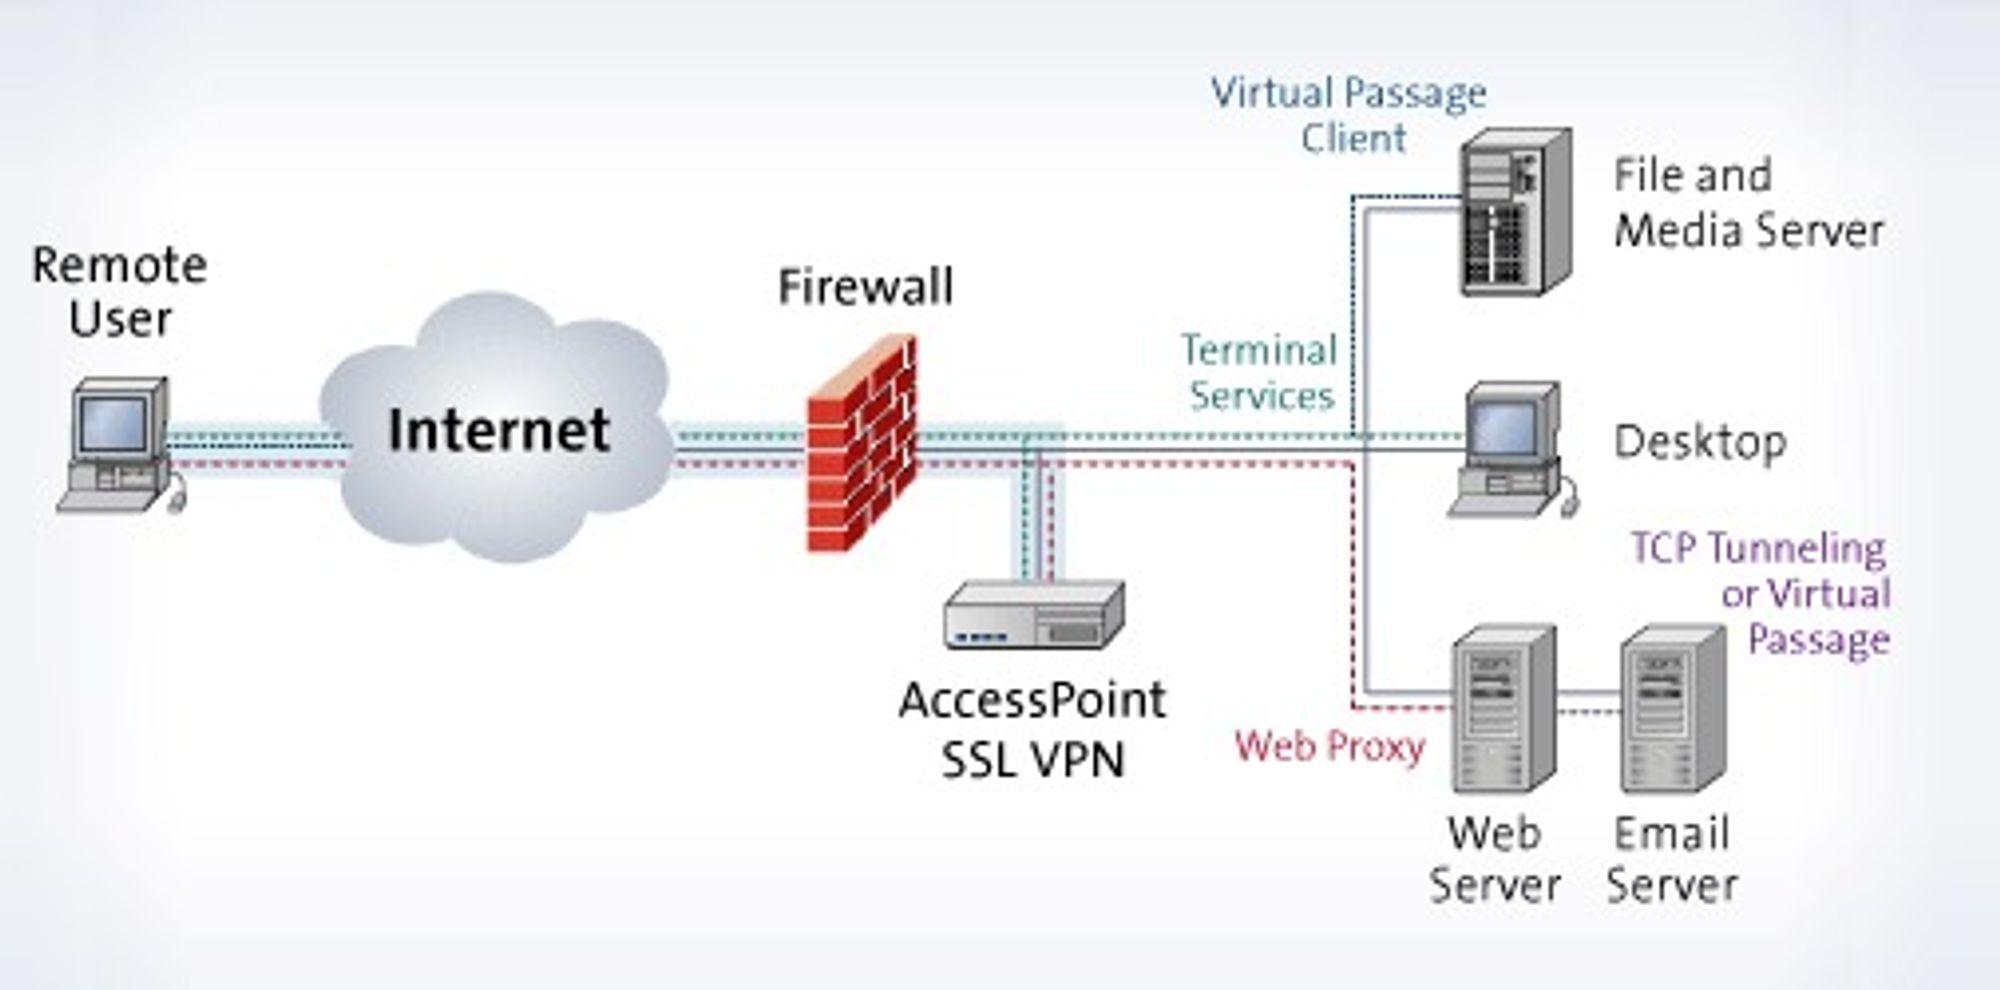 Menlologic bruker denne skissen til å forklare hva slags interne tjenester som kan tilbys gjennom deres SSL VPN.